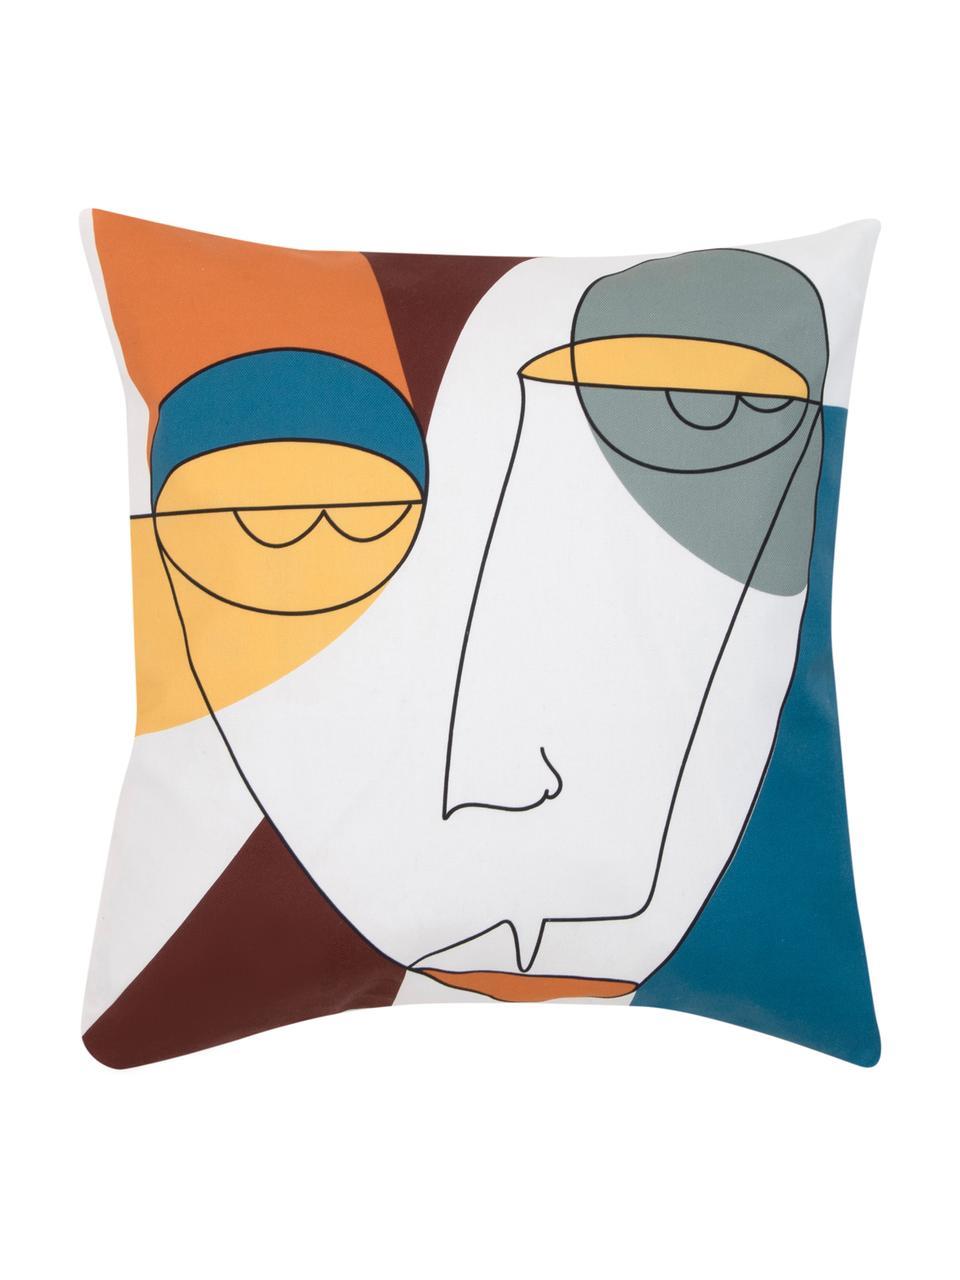 Kissenhülle Adrian mit abstraktem Print in Bunt, Webart: Panama, Weiß, Mehrfarbig, 40 x 40 cm